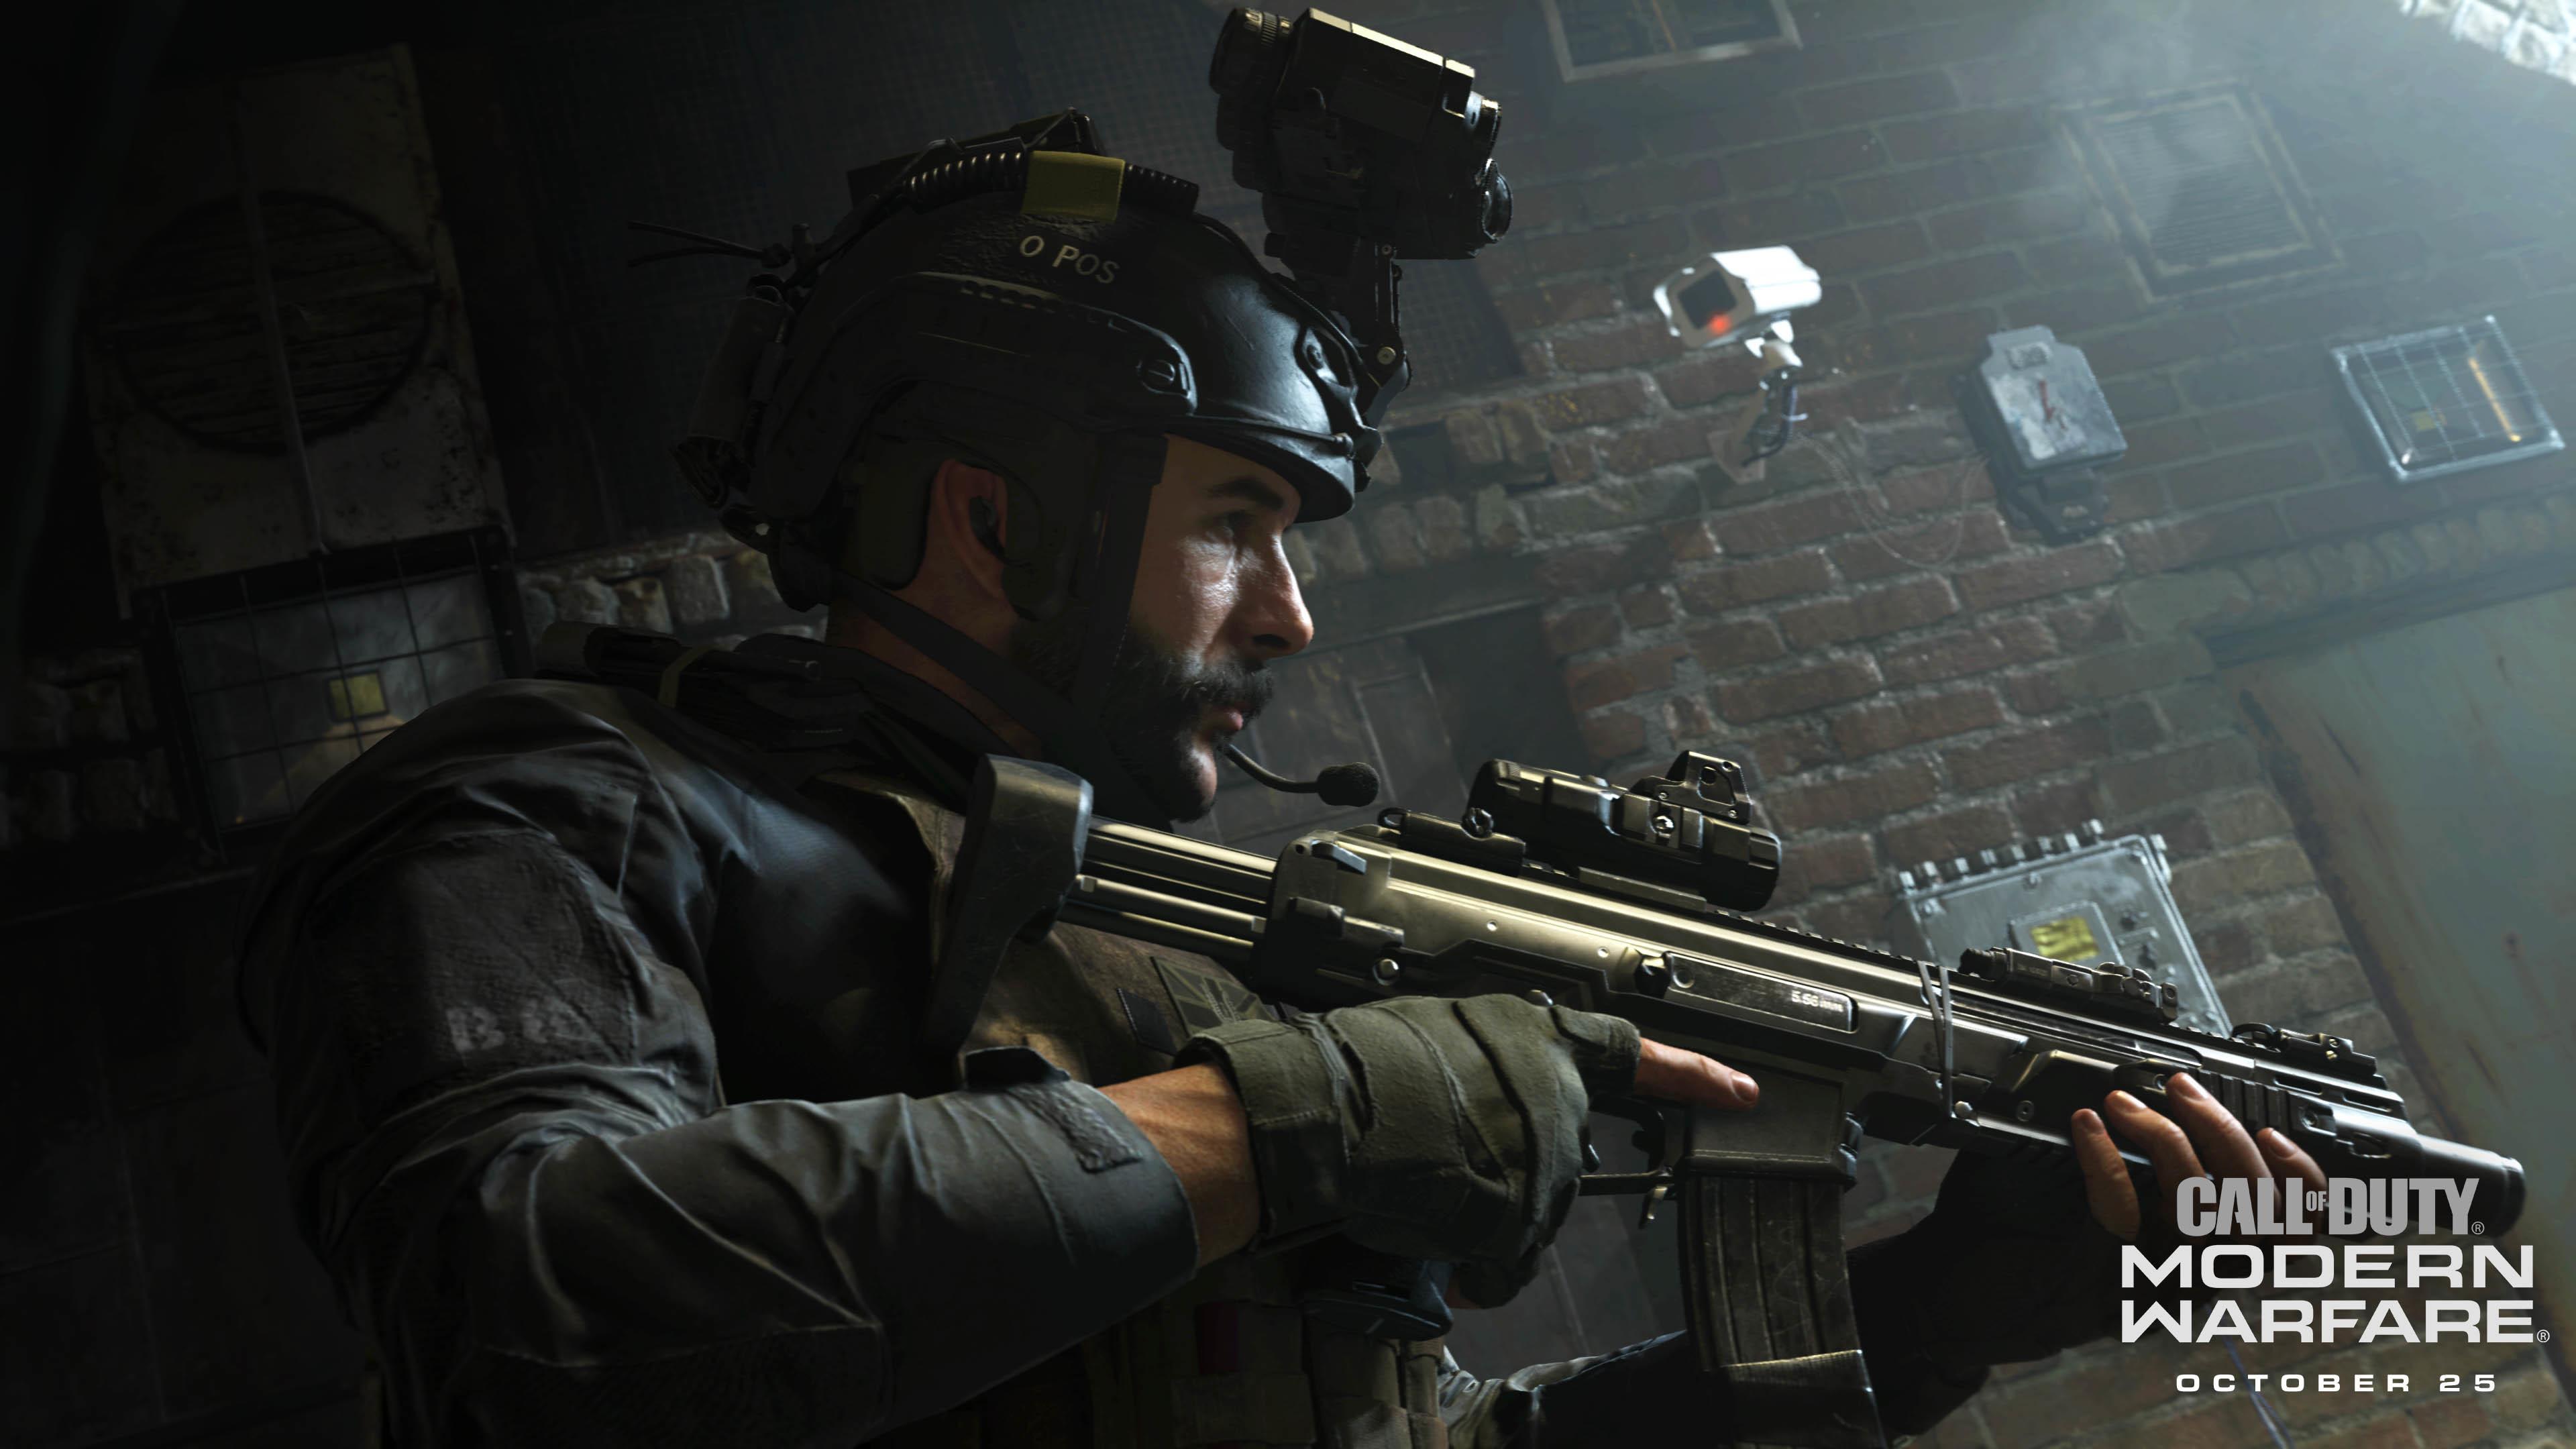 Modern Warfare E3 2019 001